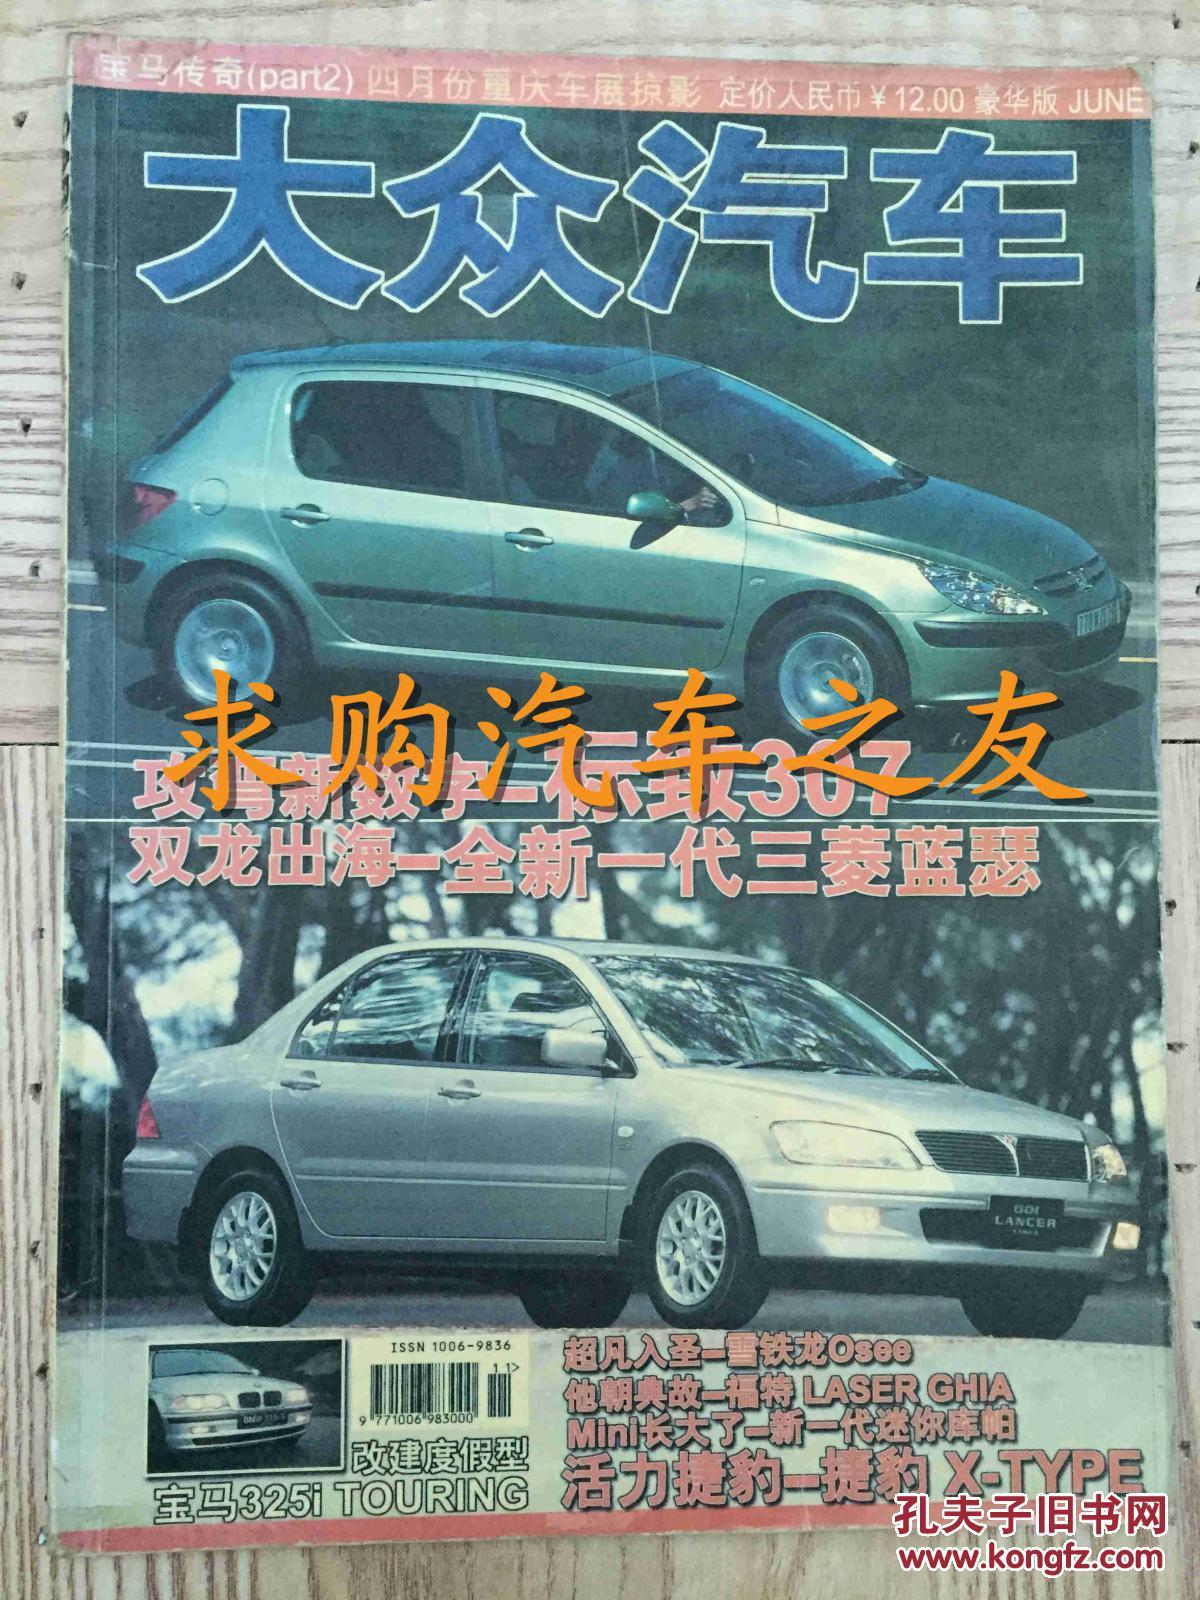 缩小 详细描述: 大众汽车2001年第6期 店铺名称: 求购汽车之友杂志的